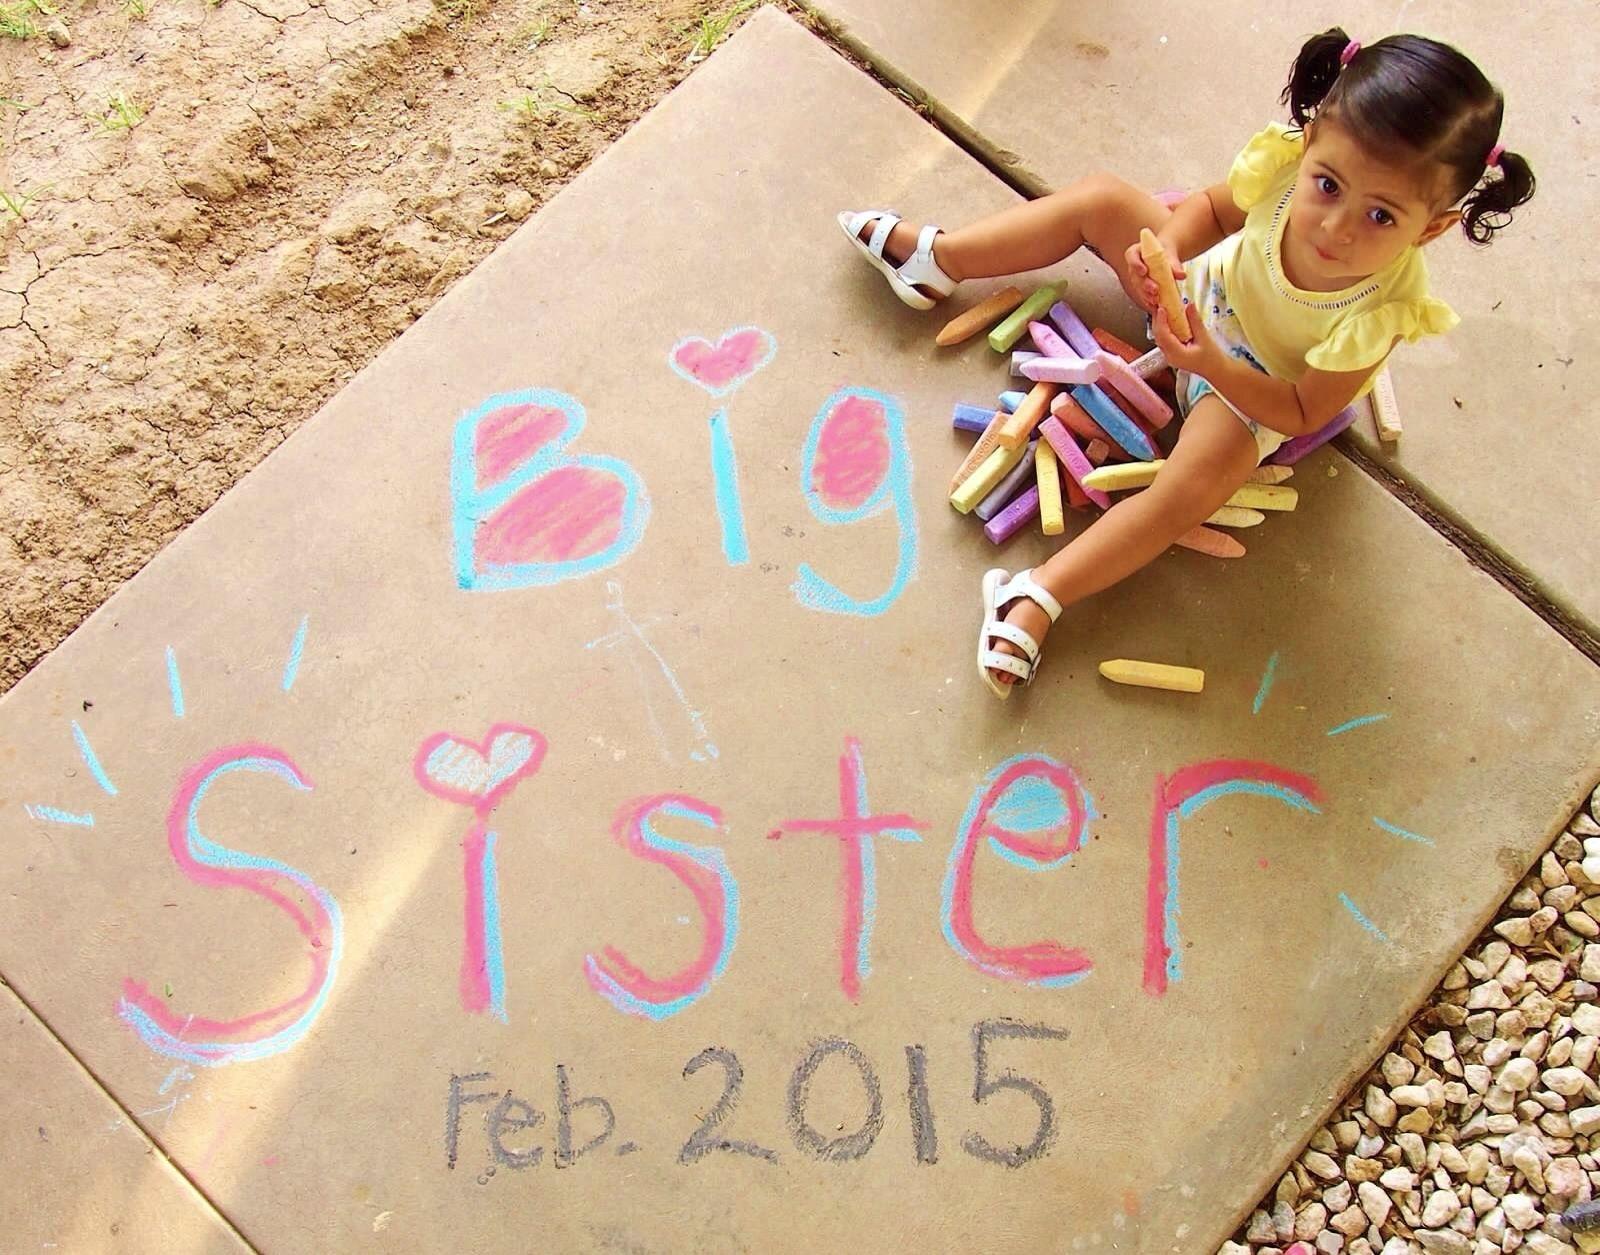 Baby number 2 announcement baby short 2 pinterest - Bebe en camino ...